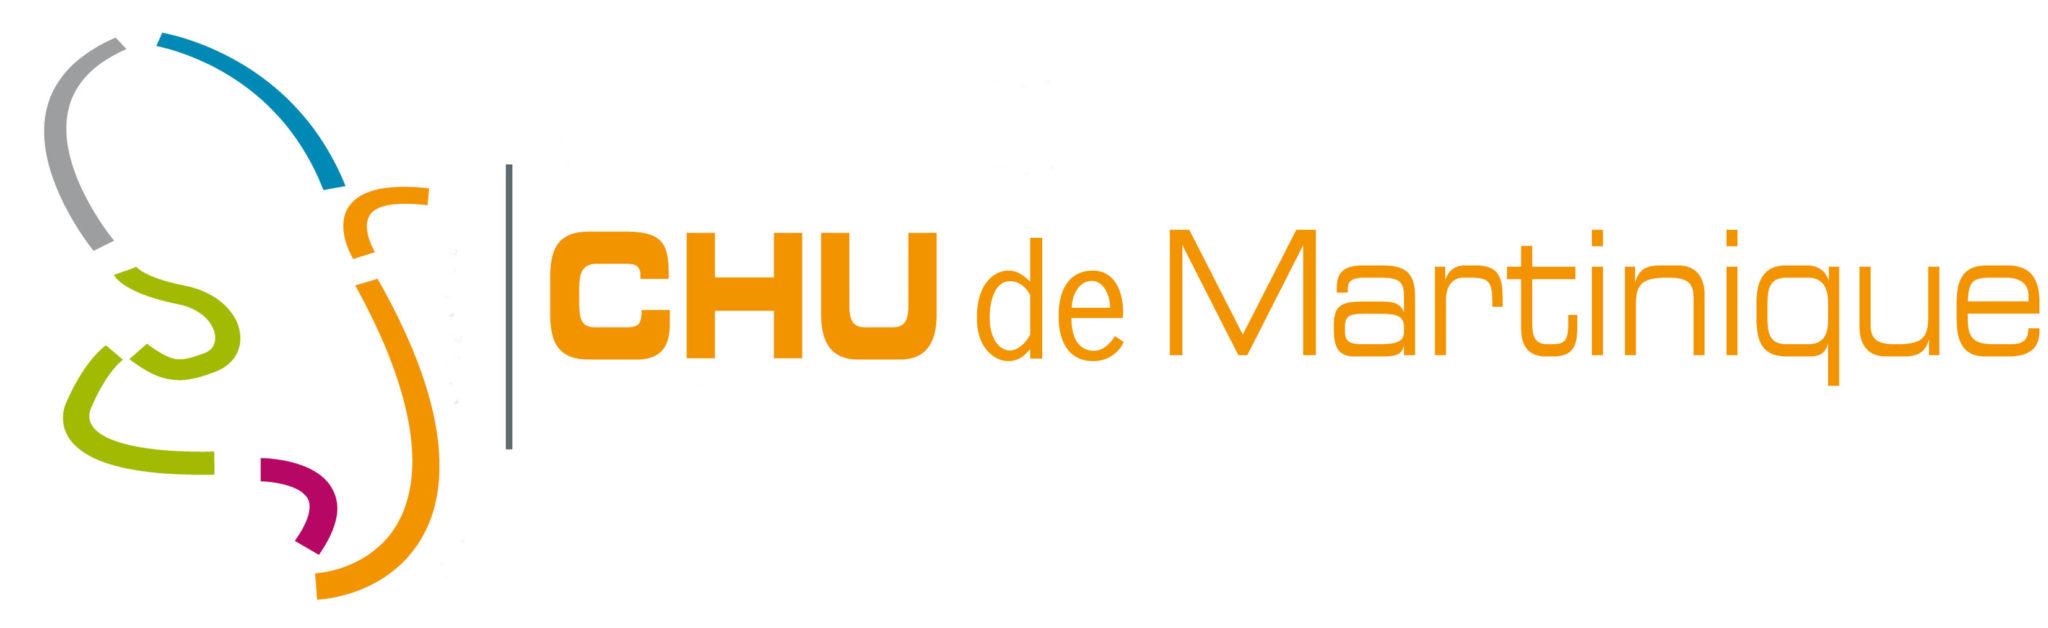 Logo du CHU de Martinique